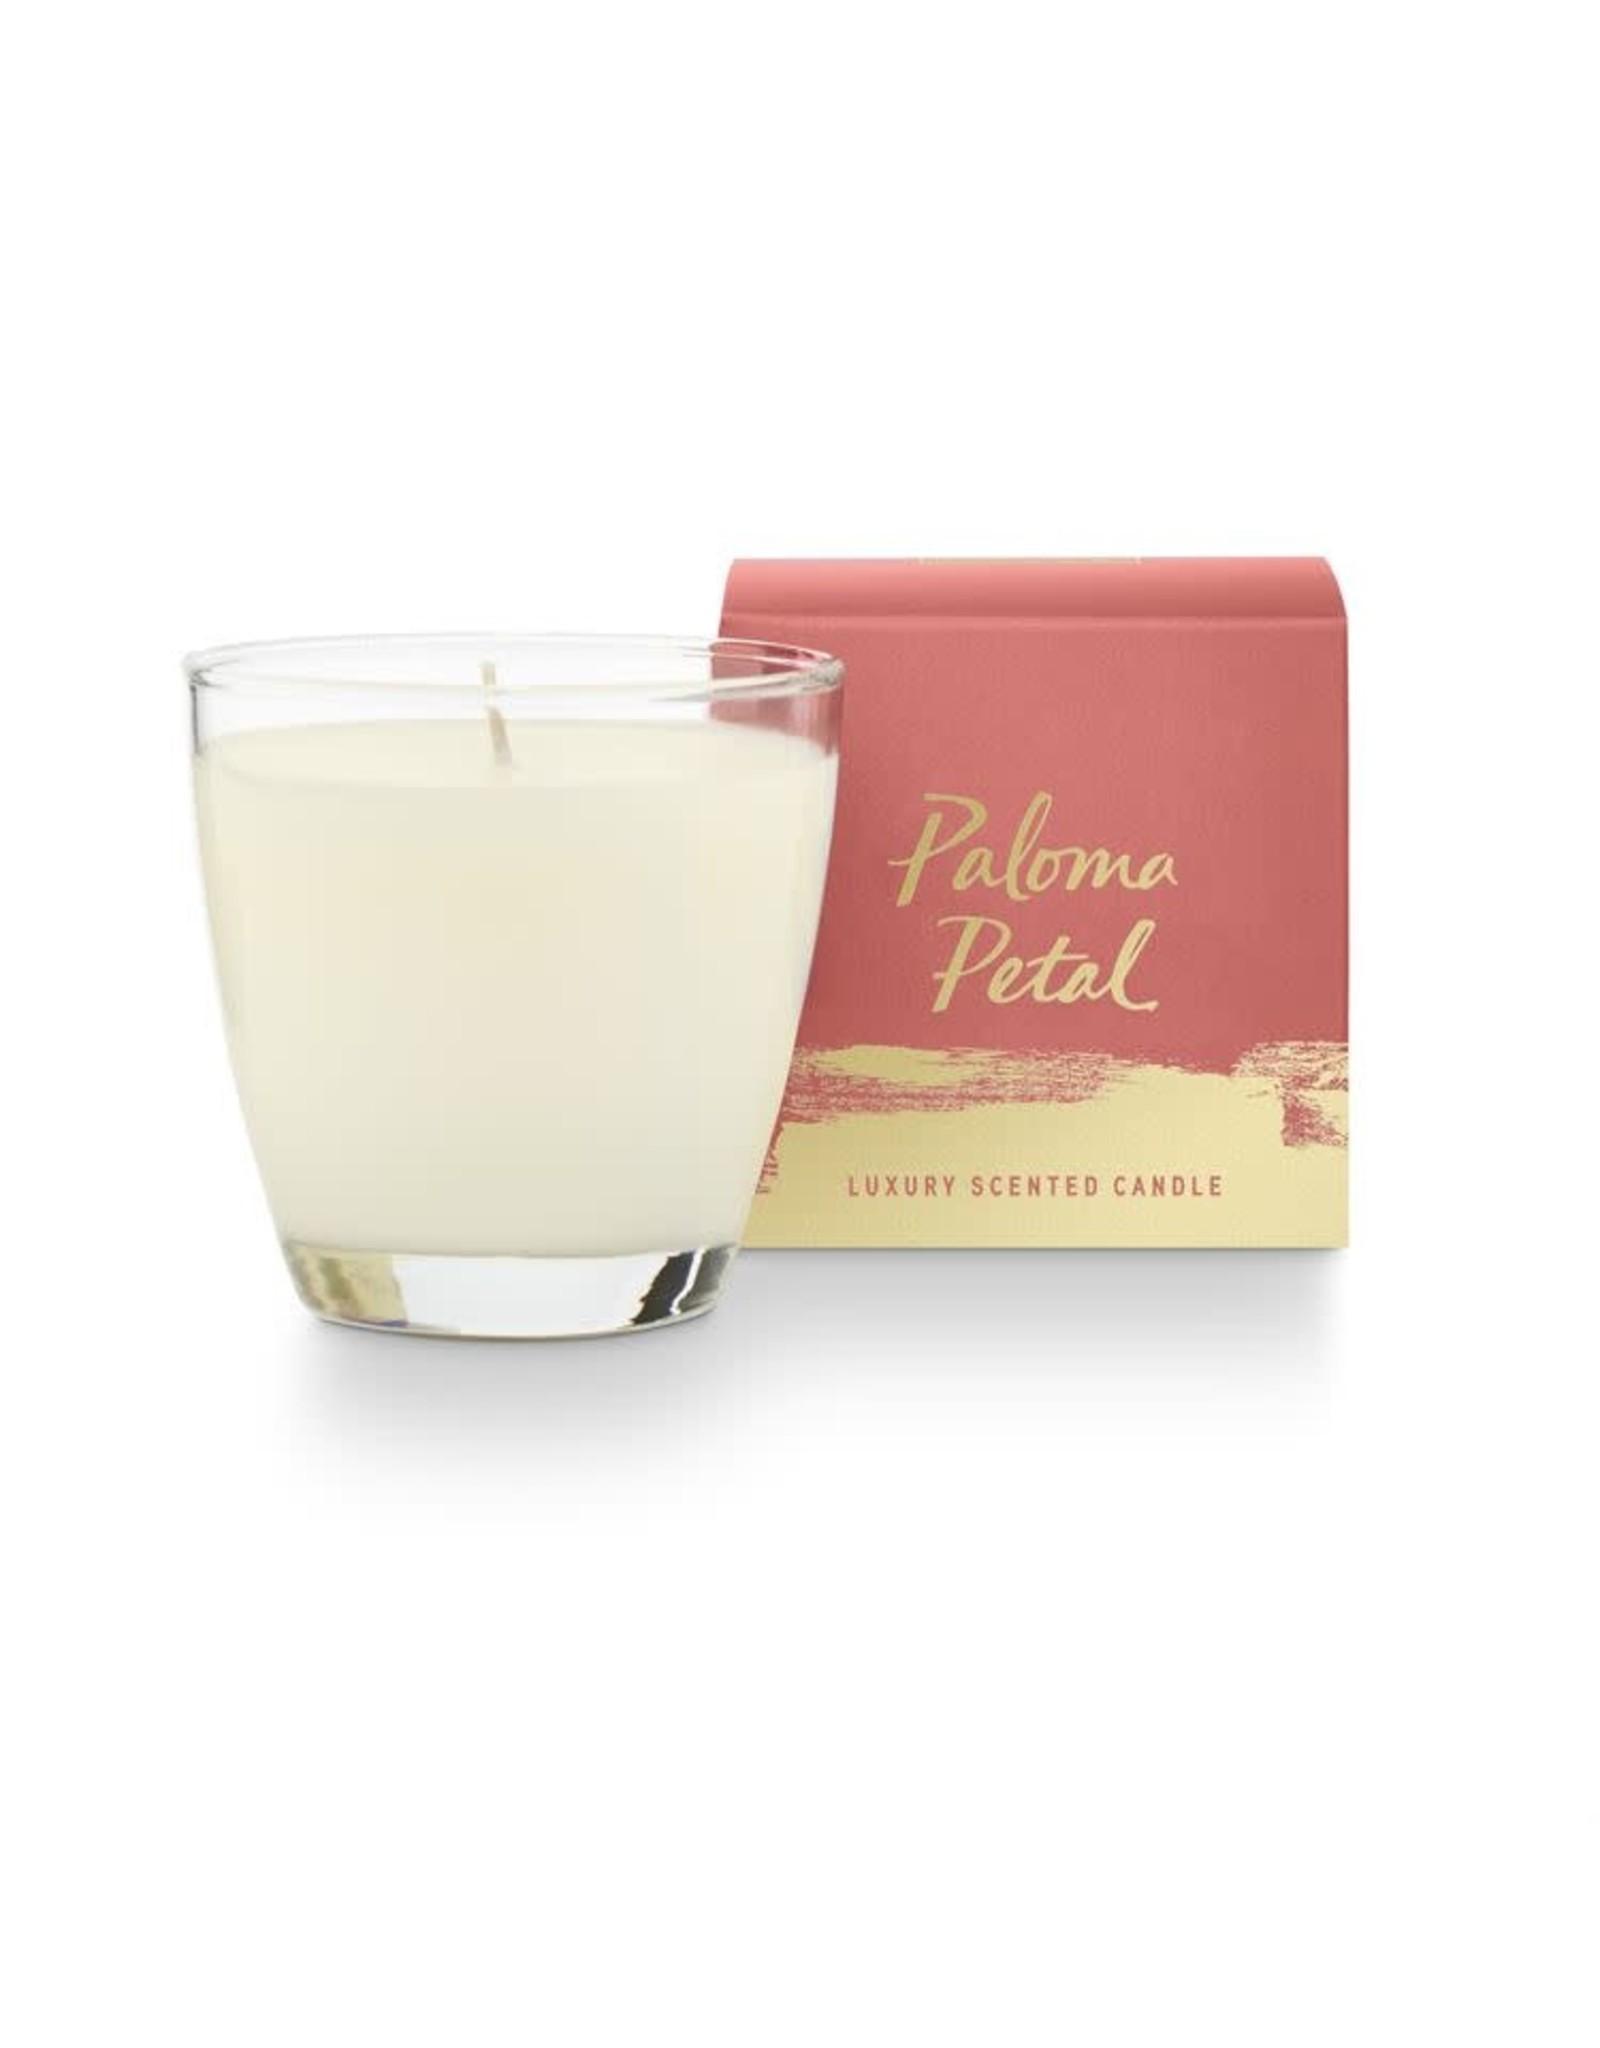 Illume Paloma Petal Glass Candle - 4.7oz